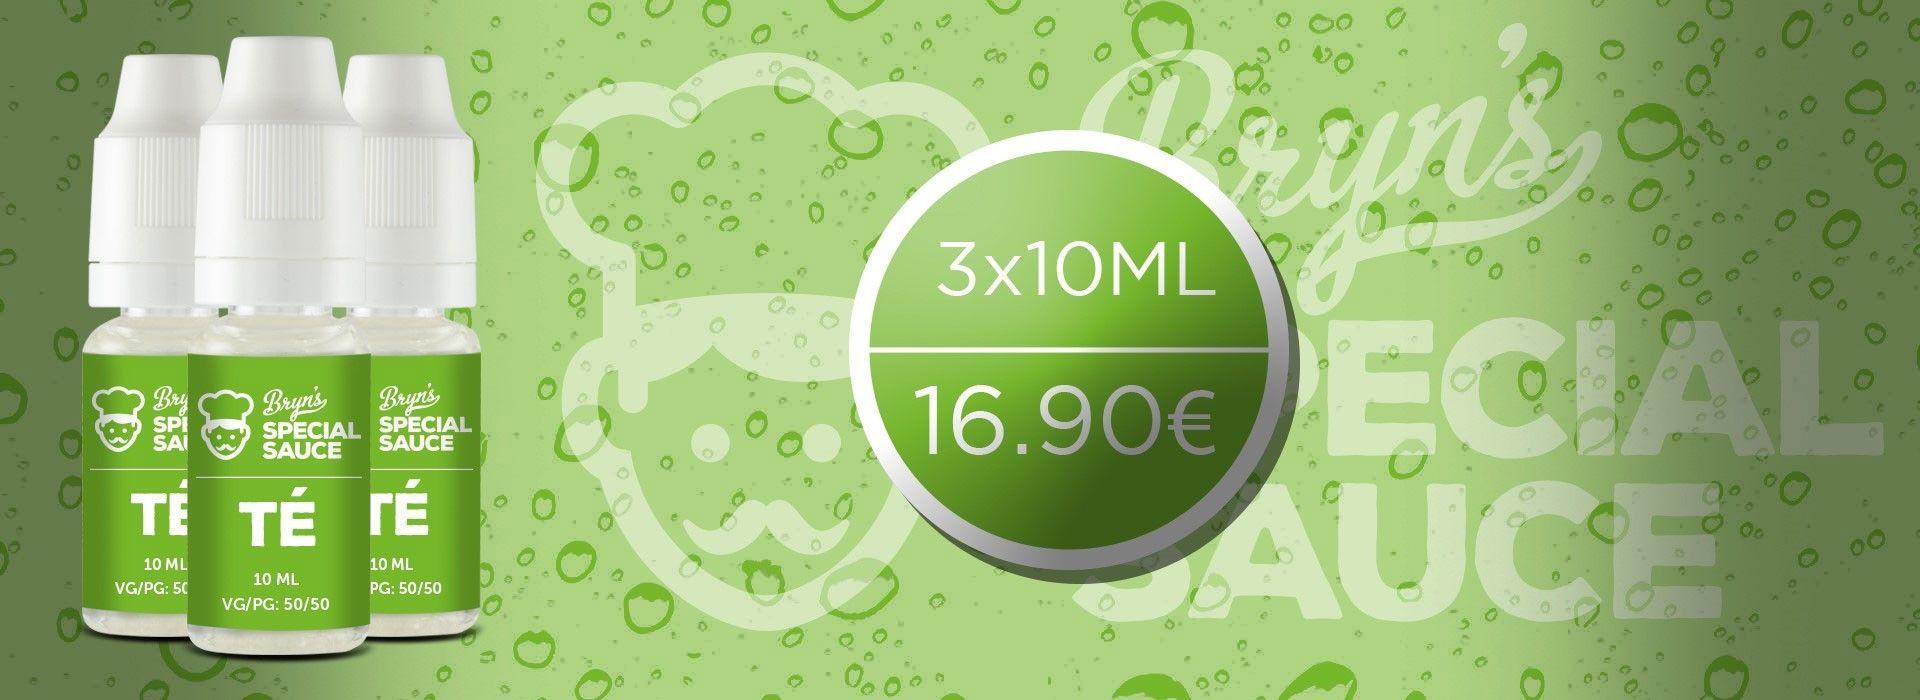 L'e-liquide phare de la gamme Bryn's Special Sauce, le Té